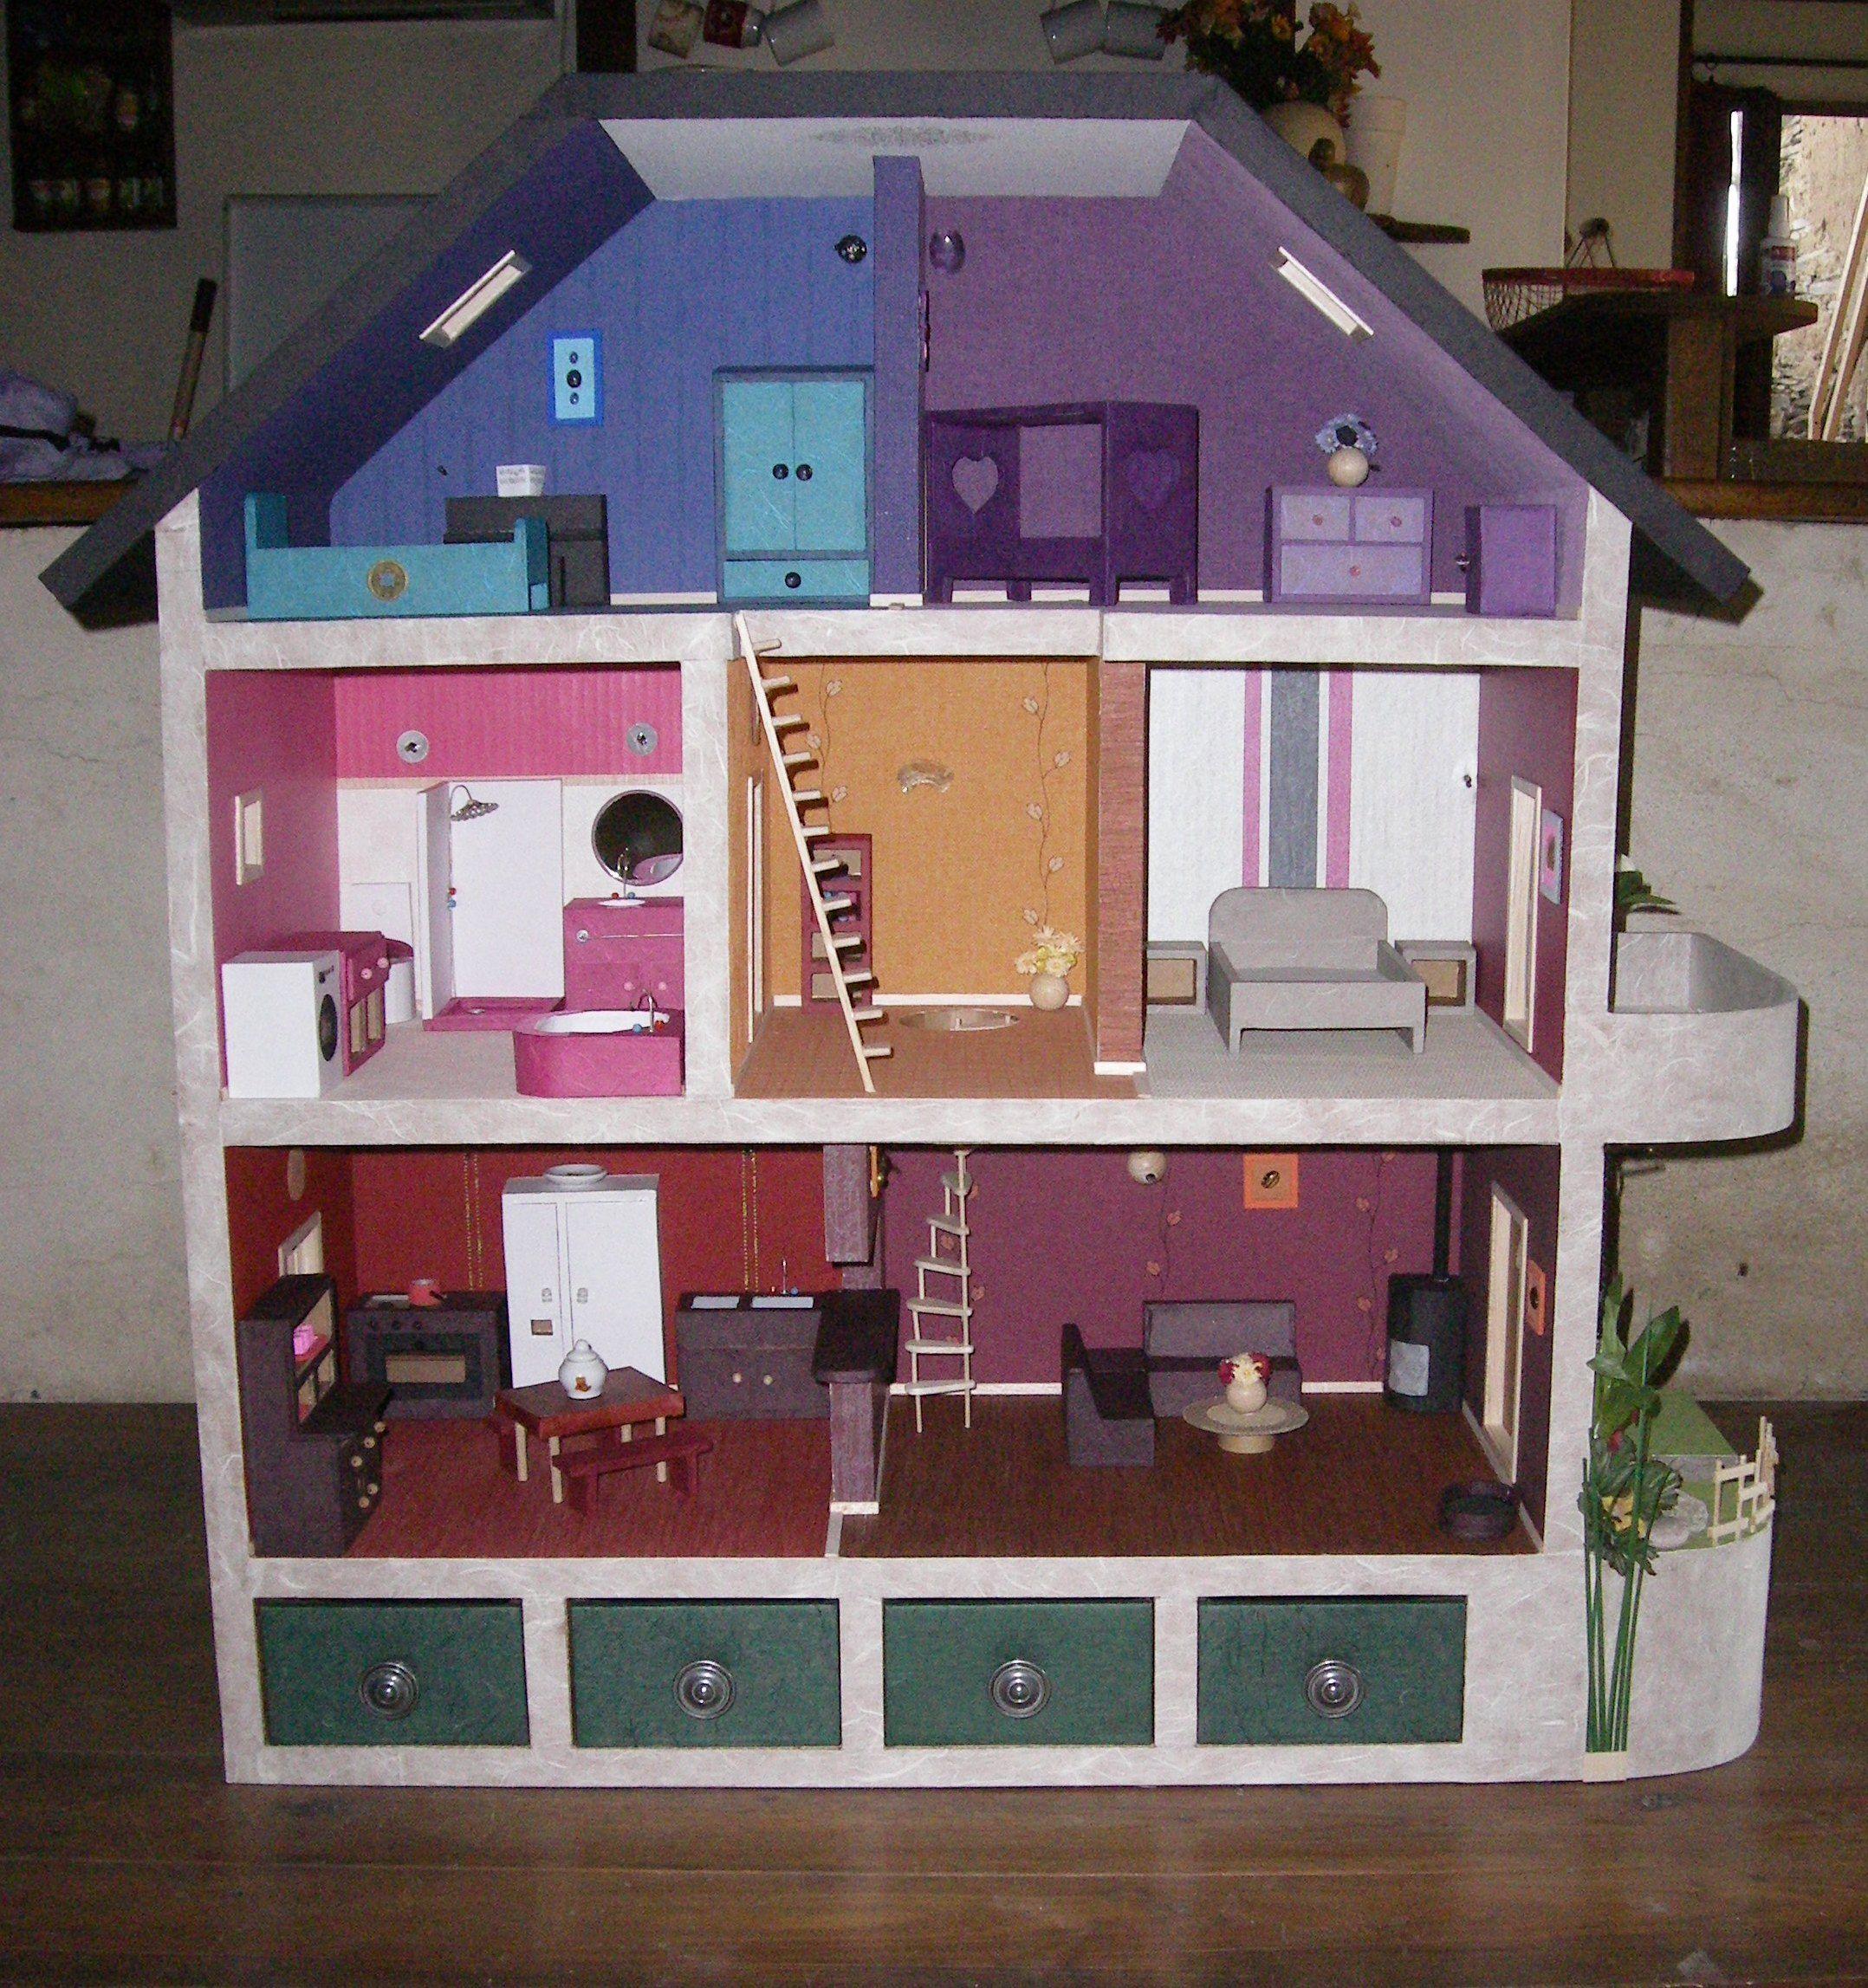 Maison Au 112 En Carton D Cor Wwwmobilier Carton Sur